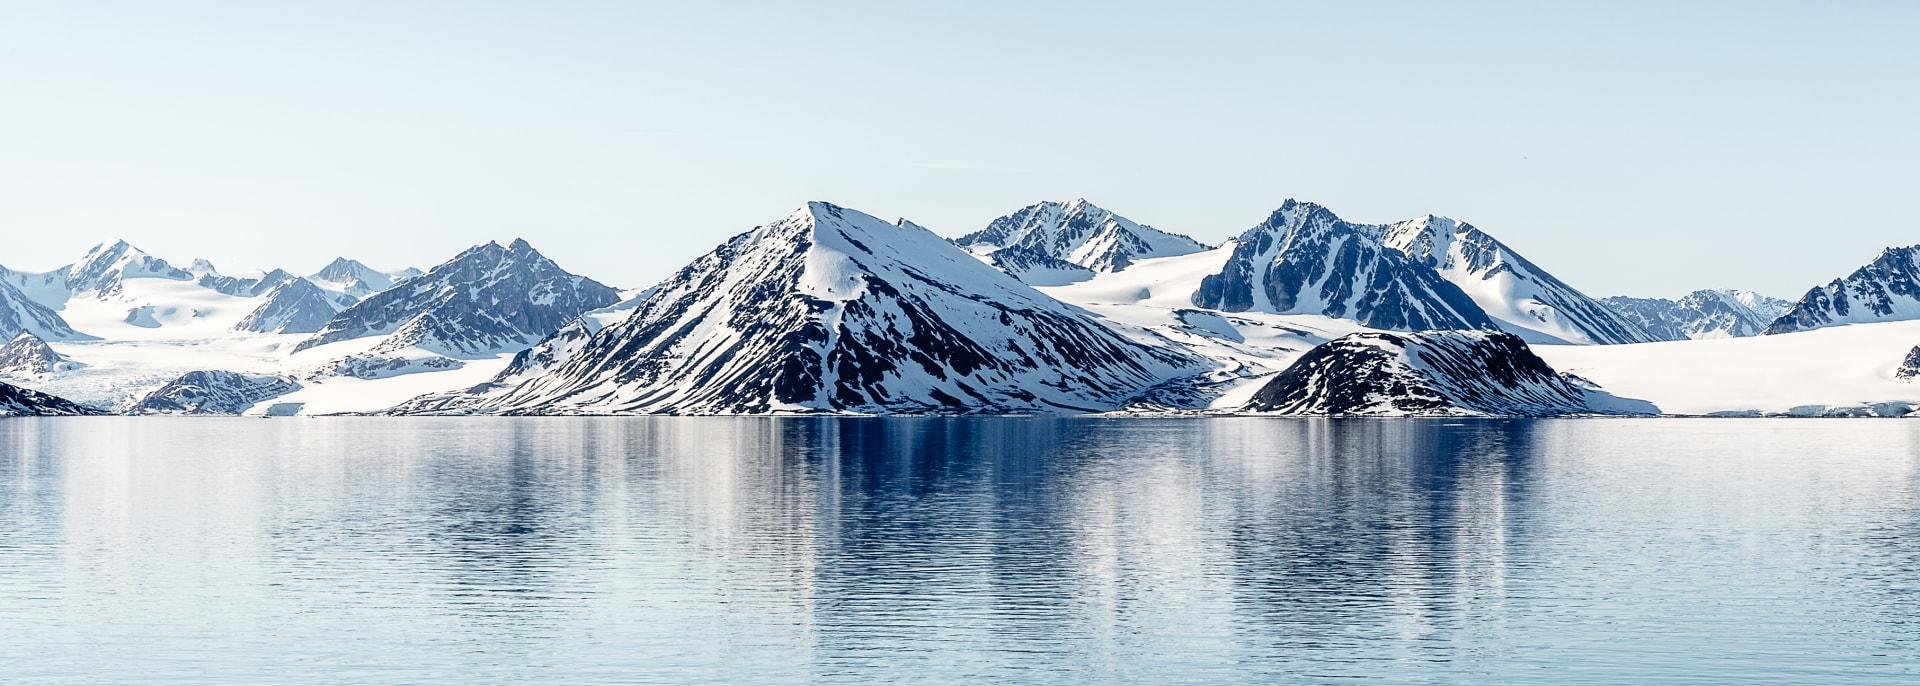 Spitzbergen, Arktis